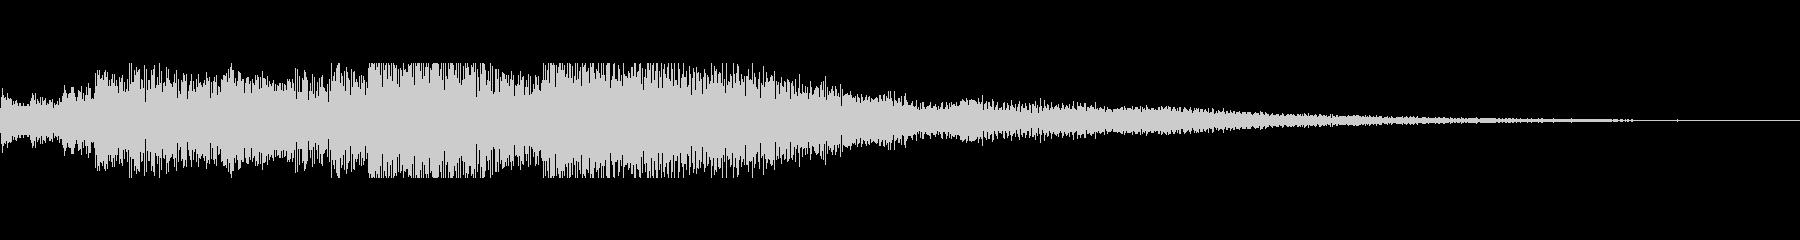 スティールタングドラムの不穏なジングルの未再生の波形